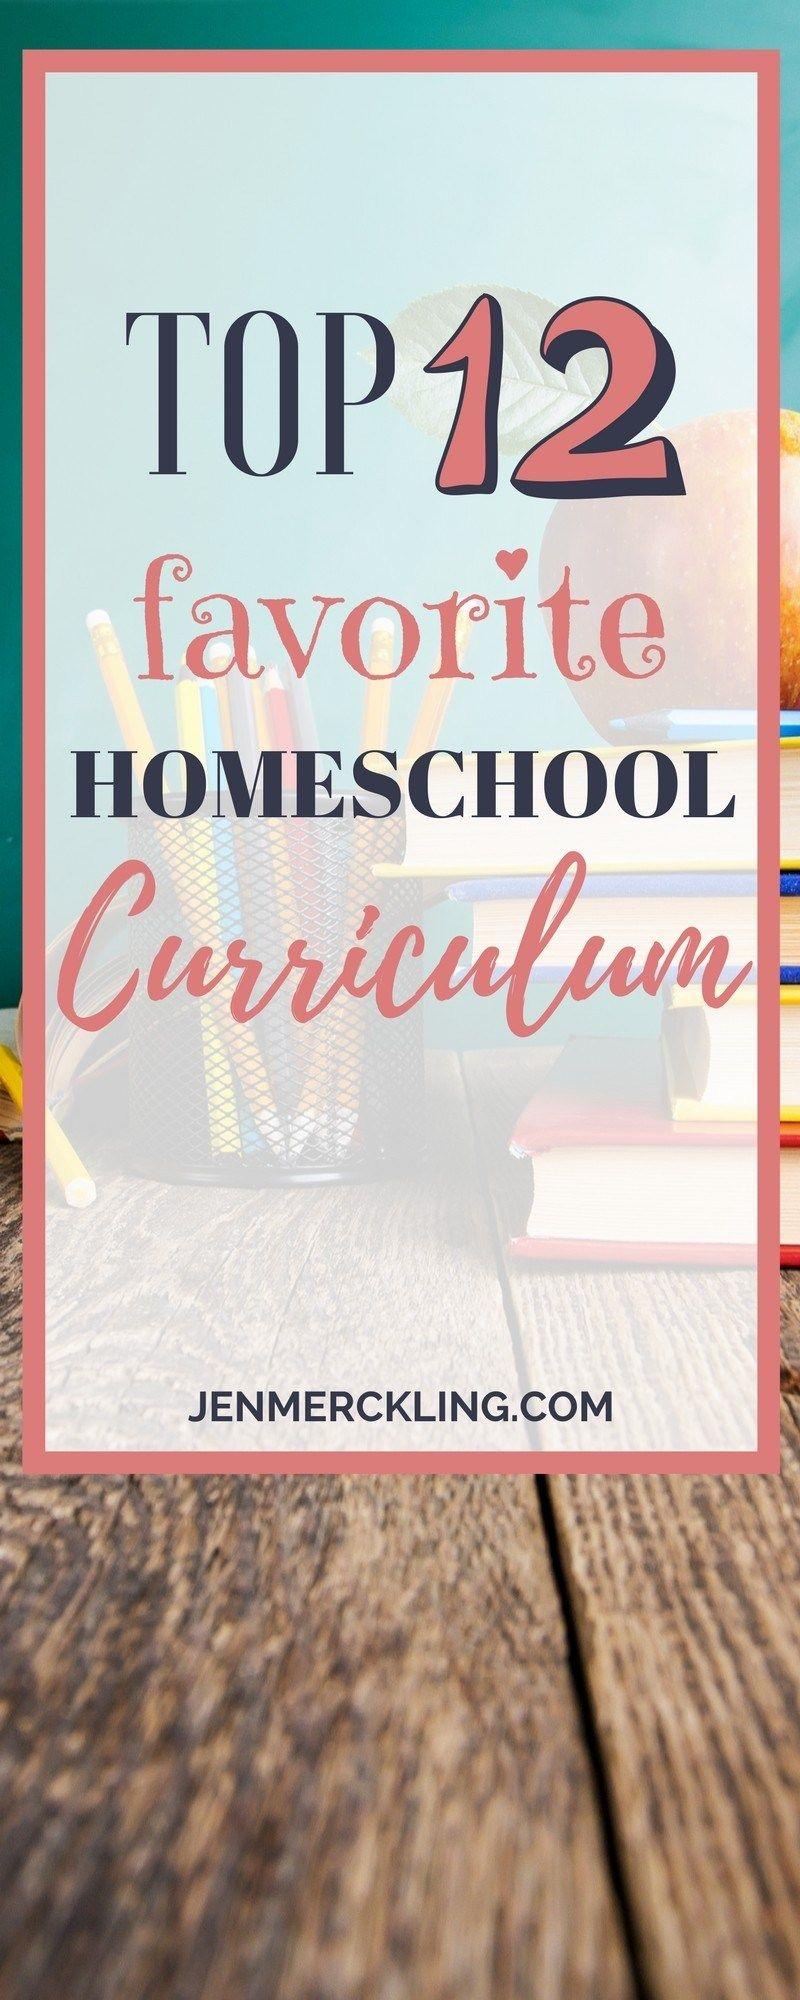 Top 12 Favorite Homeschool Curriculums